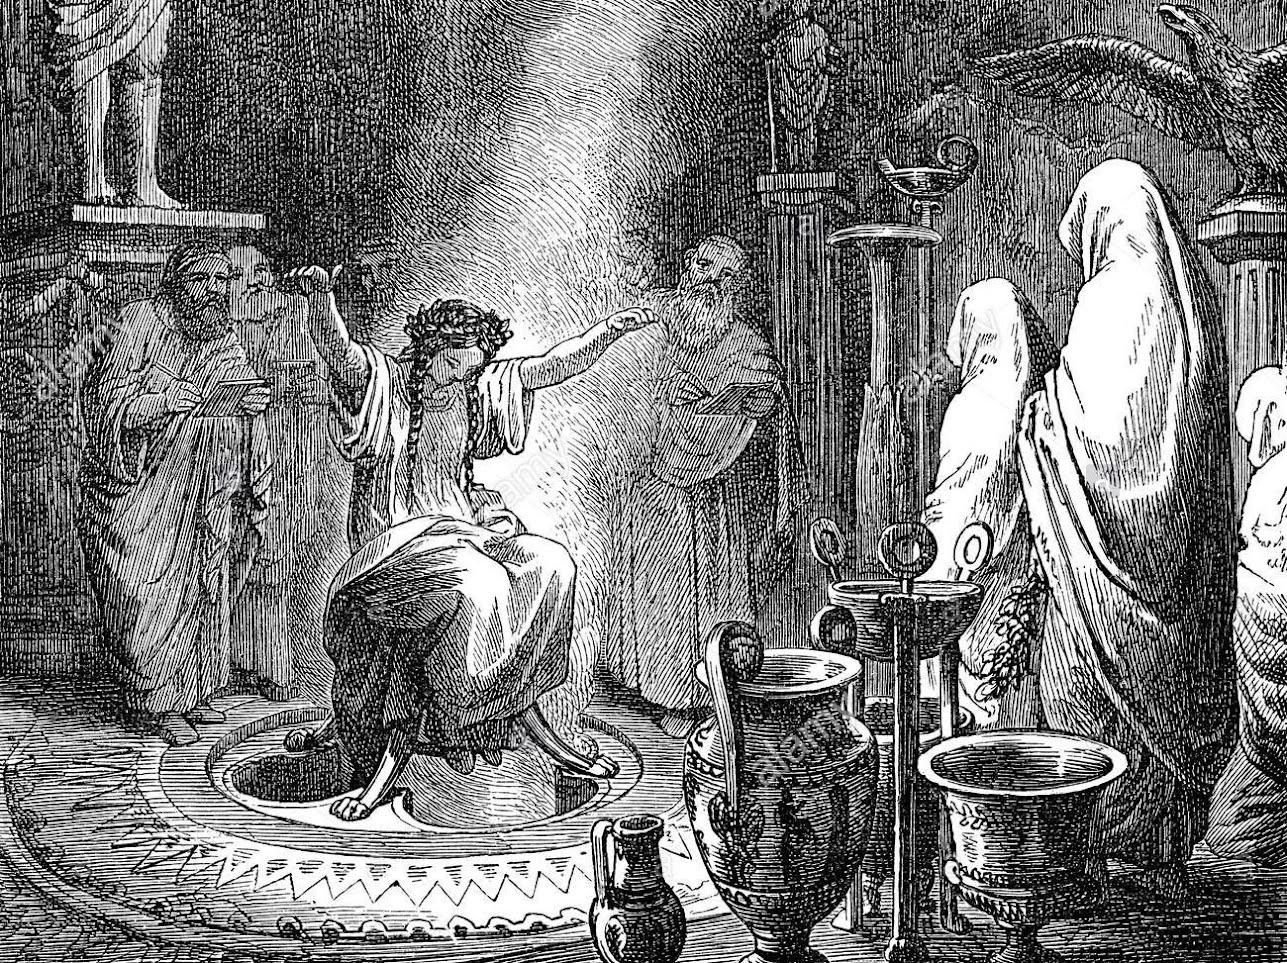 ασφάλεια Δελφών ήταν οι προφητείες τους, Delphi's safety was their prophecies.